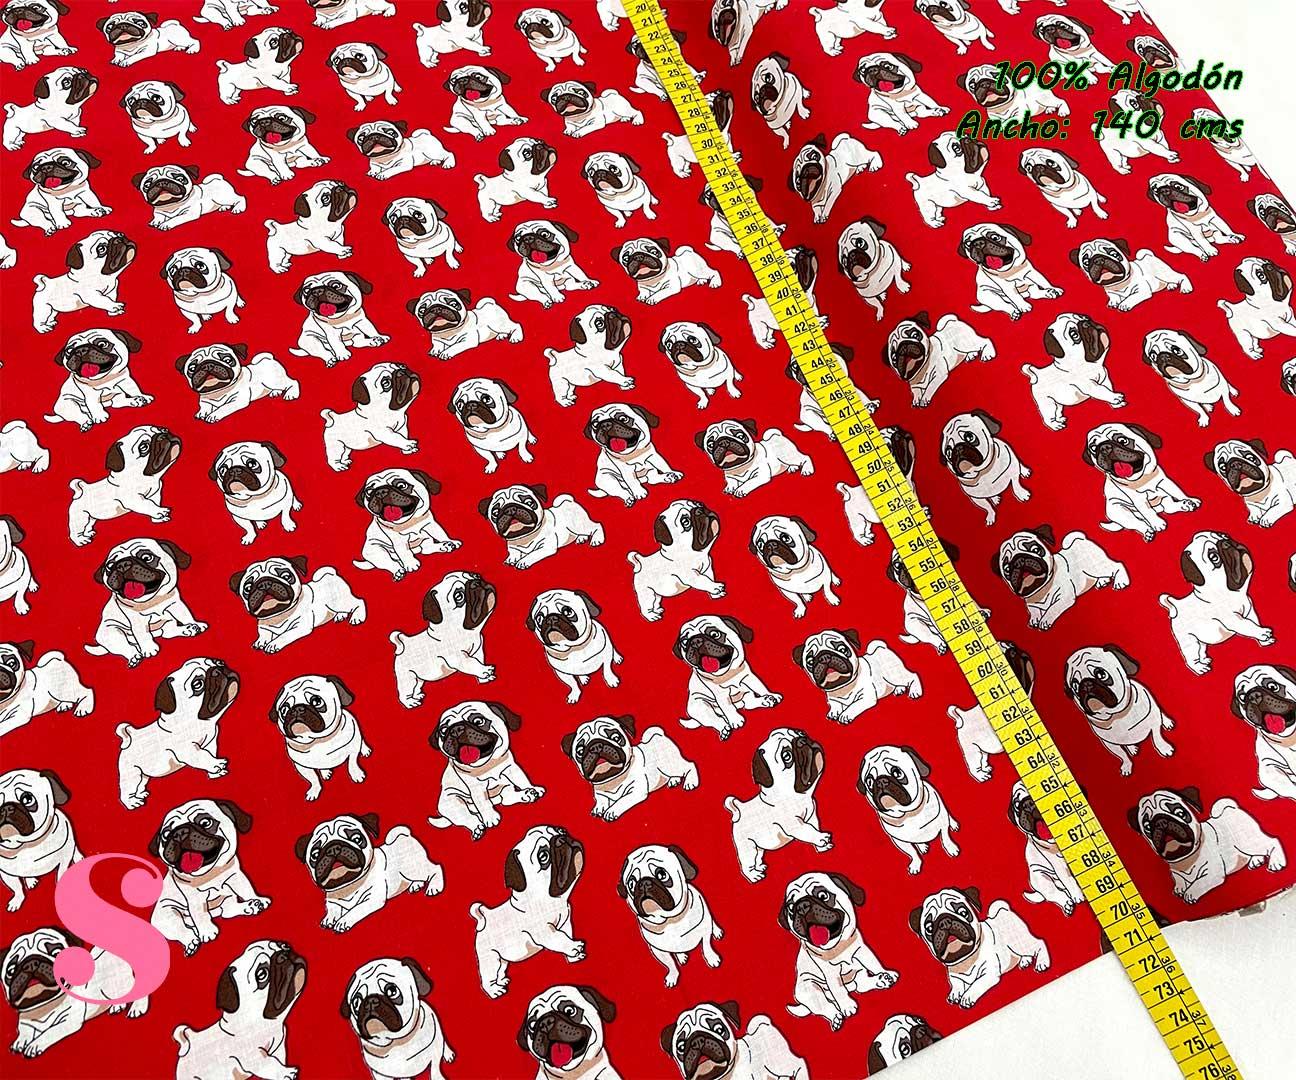 15-telas-estampadas-animales,telas-con-estampados-de-primavera,telas-con-estampados-koalas,telas-infantiles,Tejido Estampado Carlino fondo Rojo